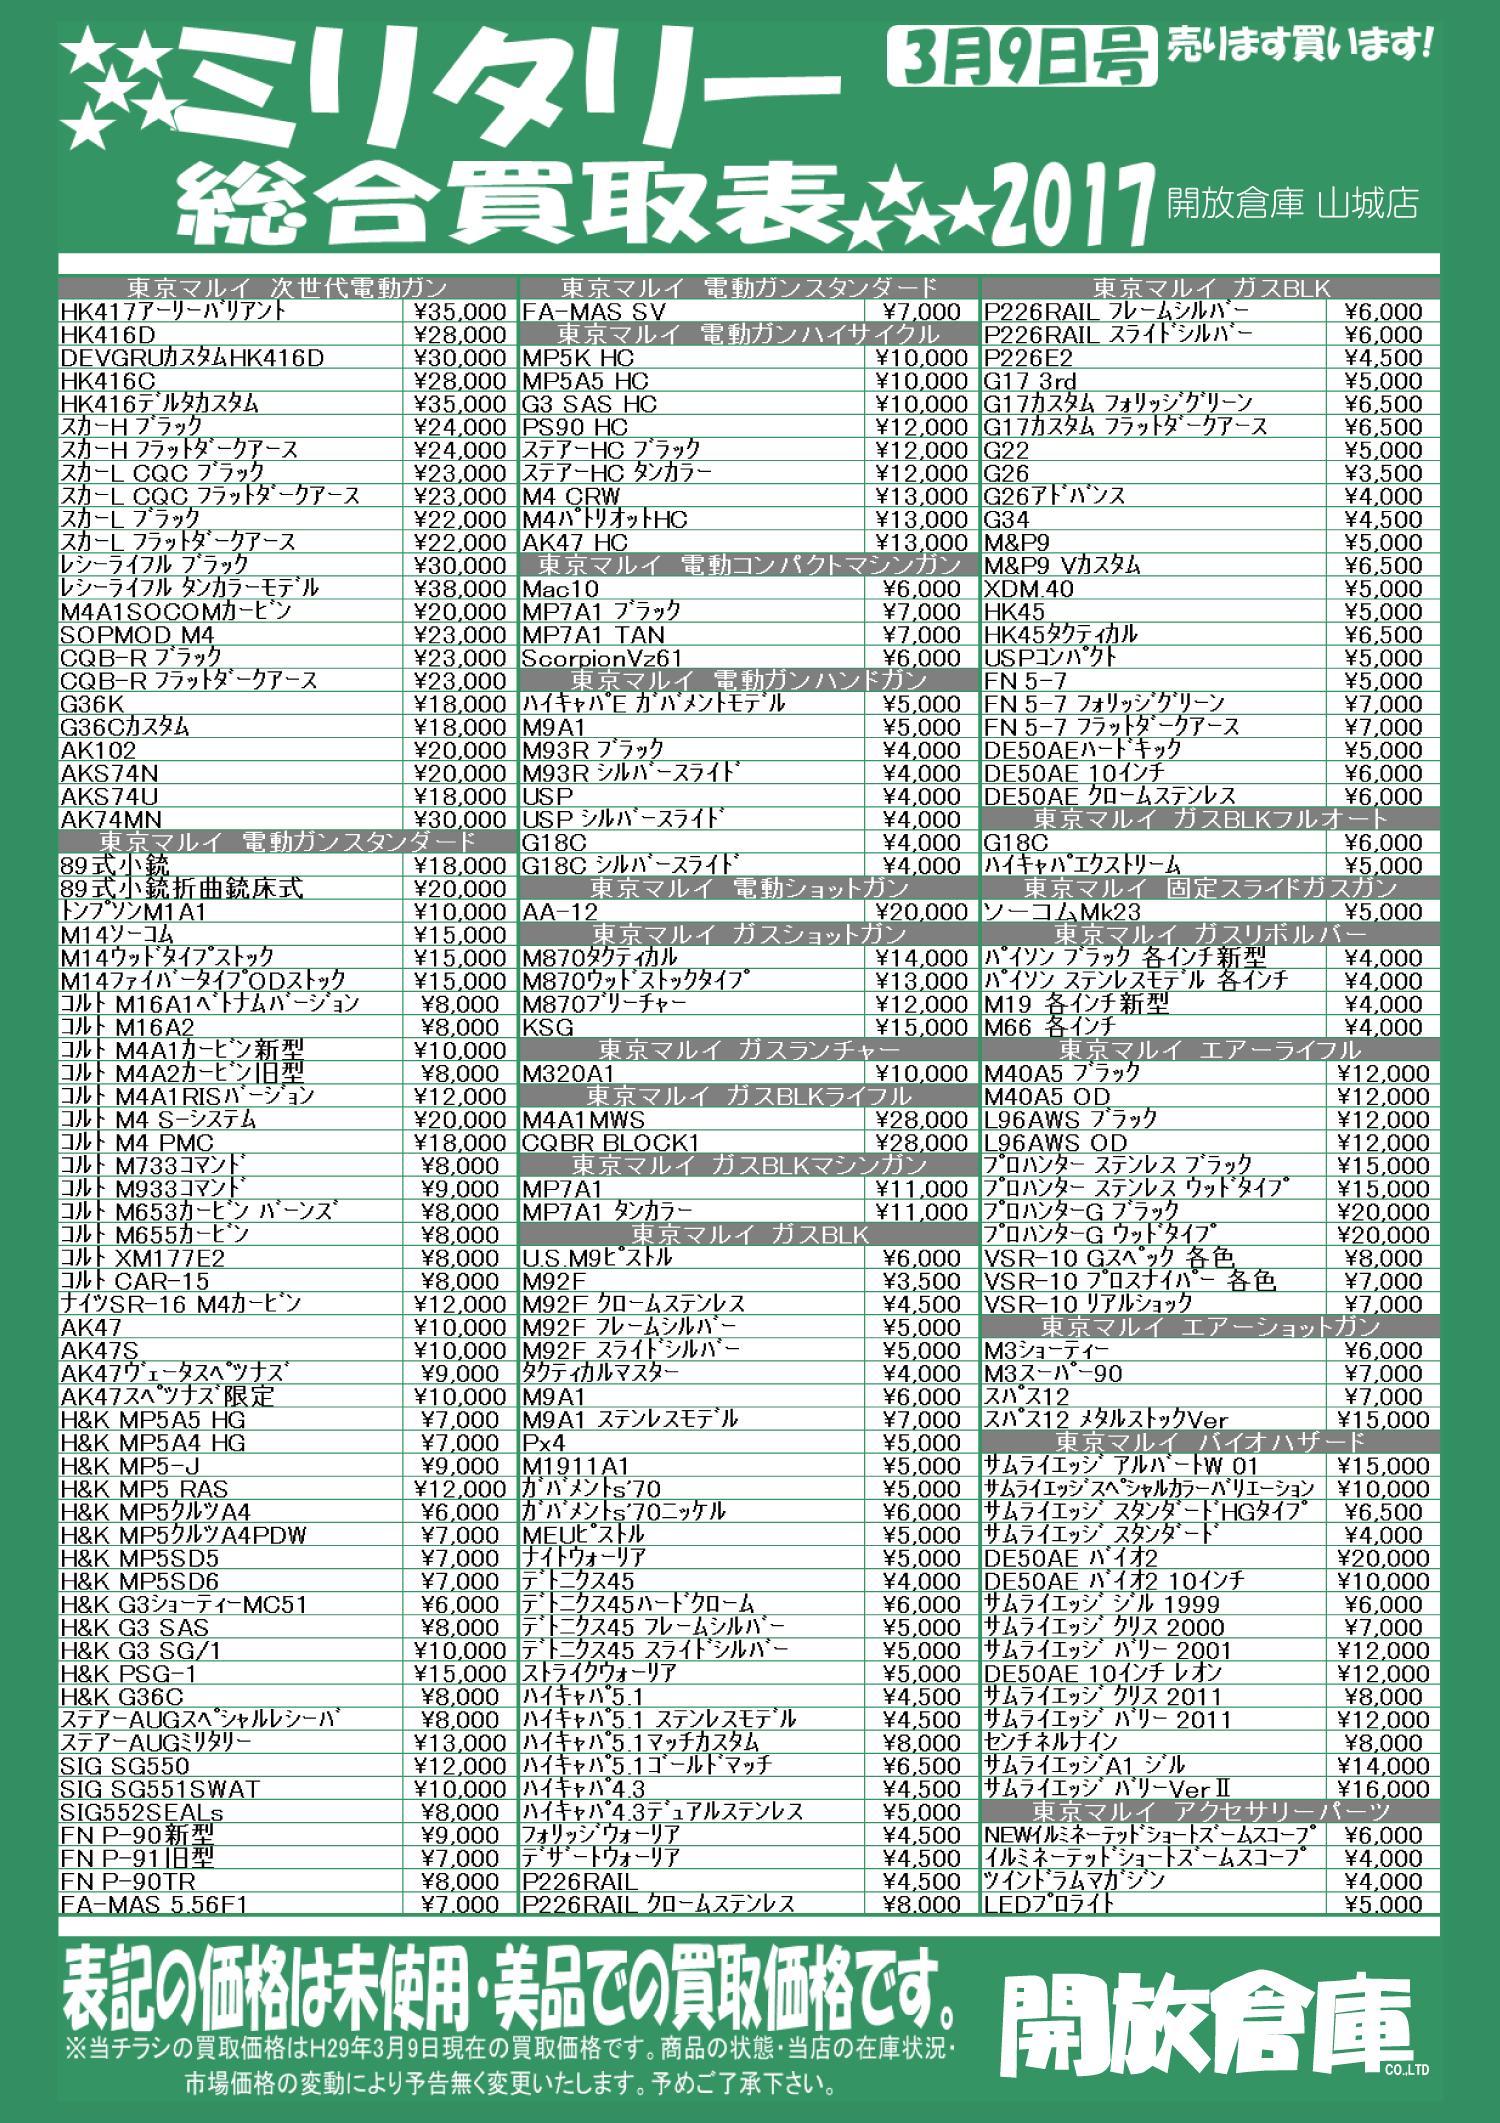 「開放倉庫山城店」2017年3月ミリタリー総合買取表を更新しました!